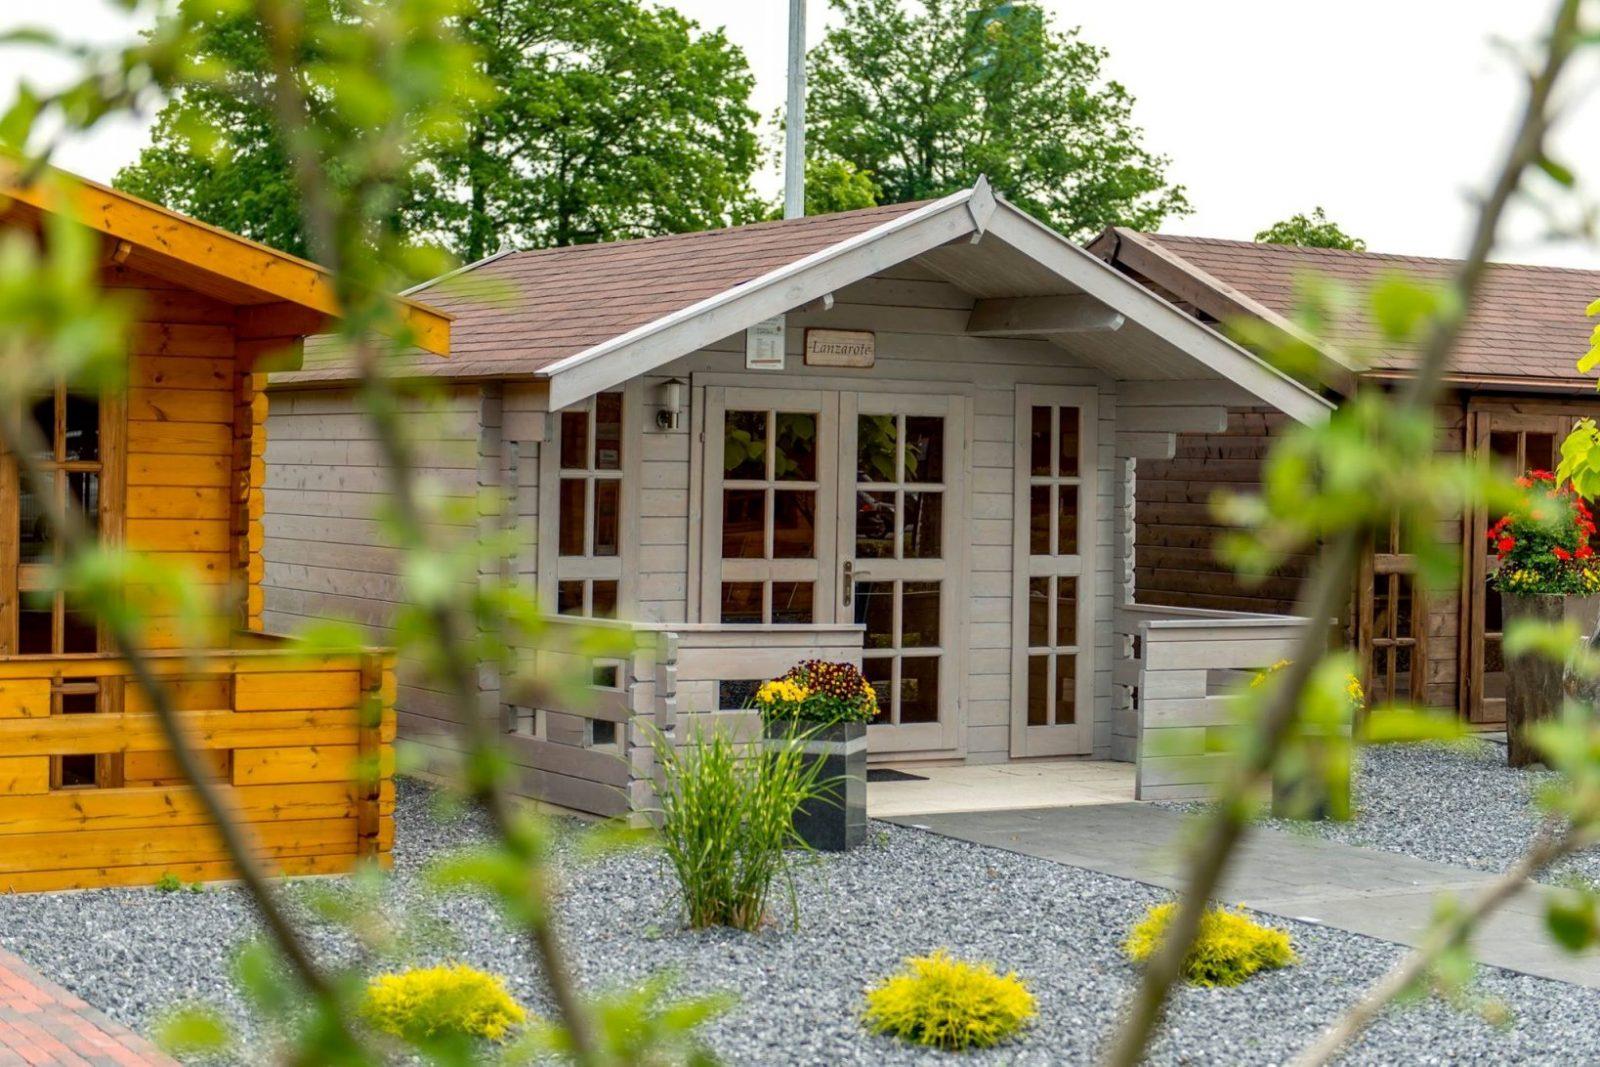 Gartenhäuser Aus Polen  Eine Günstige Alternative So Muss Das von Gartenhaus Mit Terrasse Aus Polen Bild